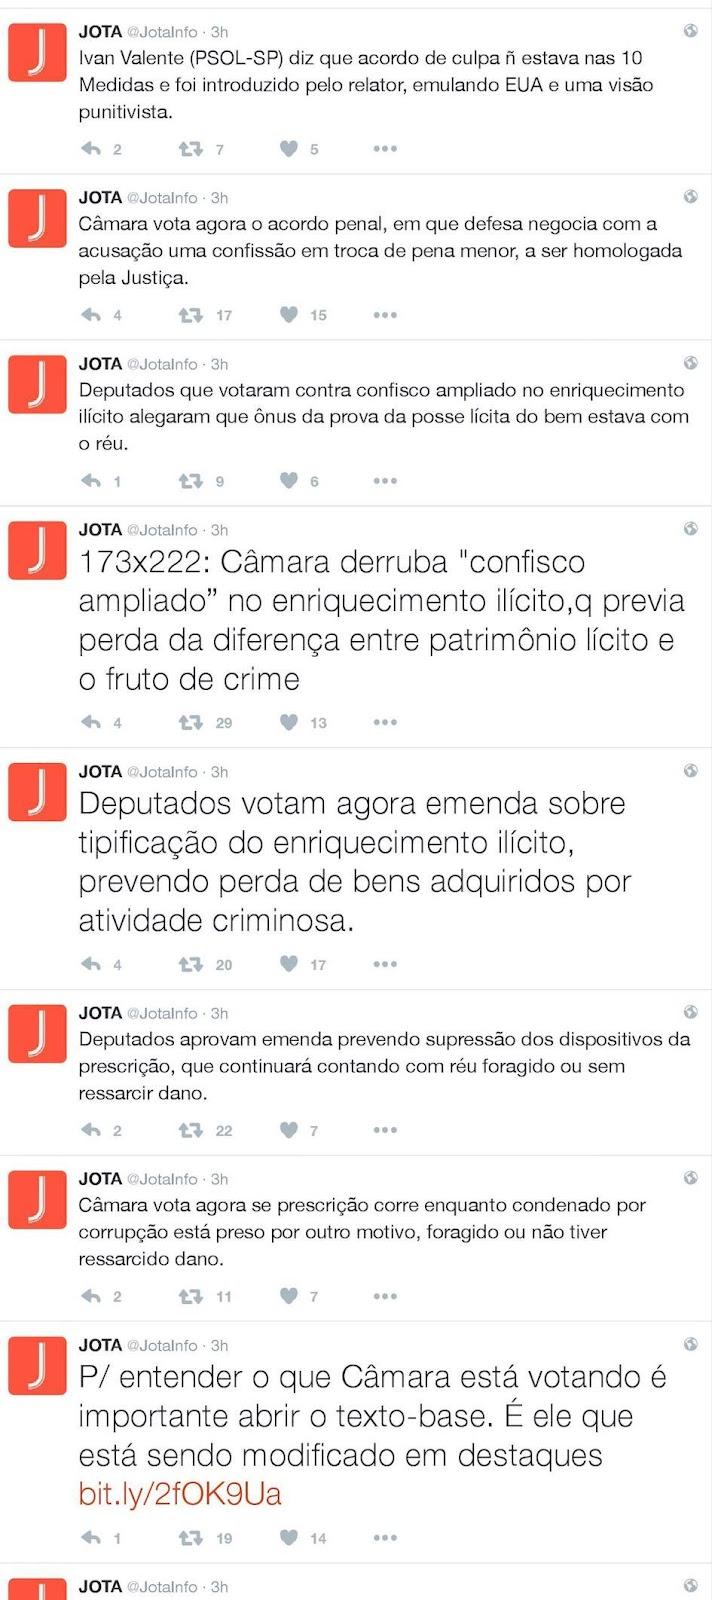 /Users/romulosoaresbrillo/Desktop/JOTA (@JotaInfo) | Twitter/JOTA (@JotaInfo) | Twitter_000004.jpg